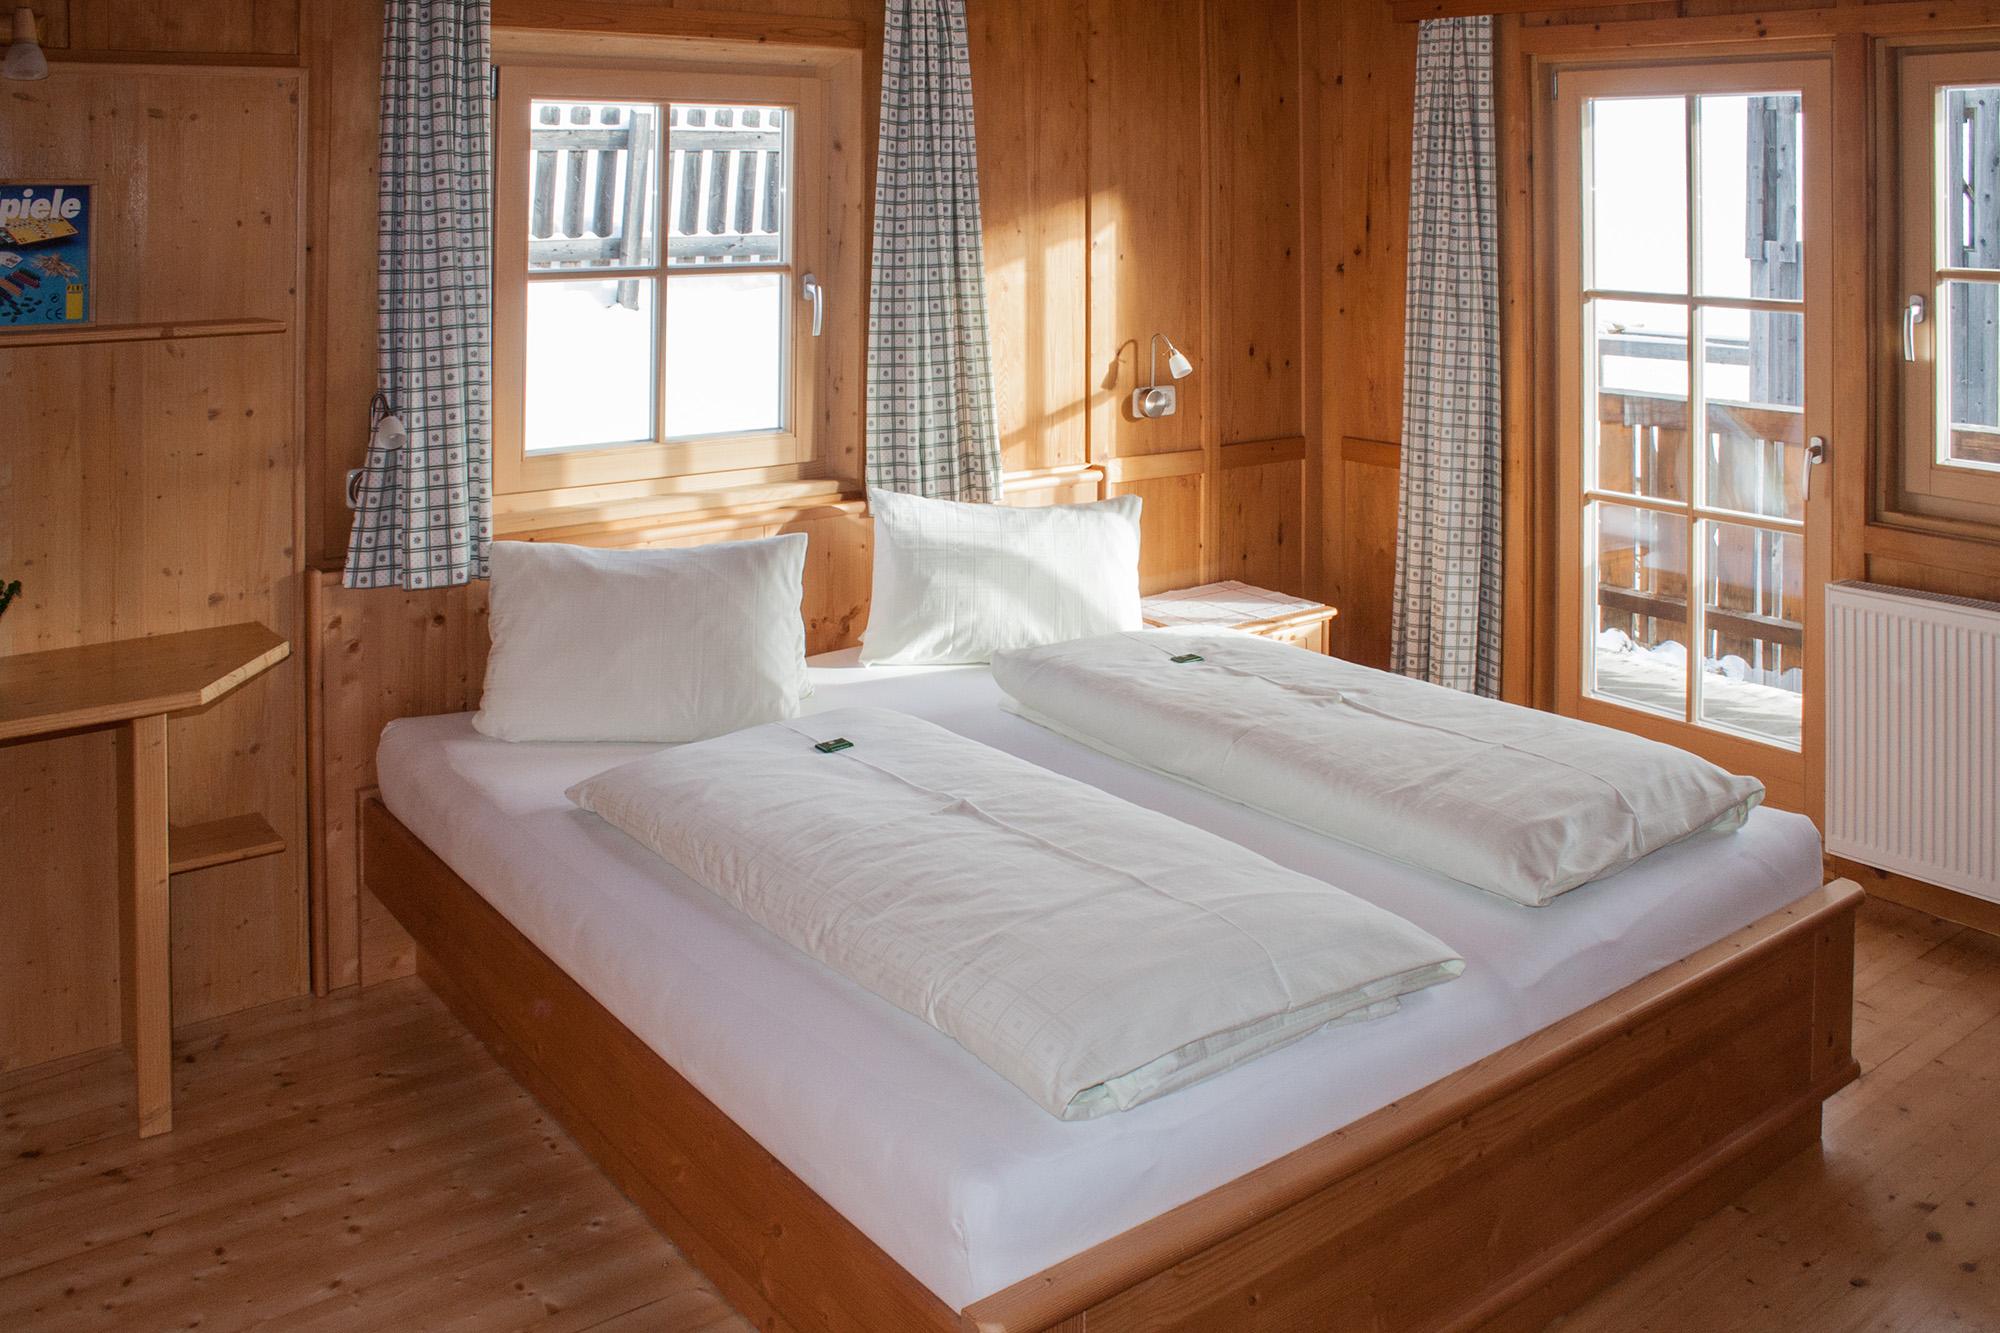 Bett in der Ferienwohnung Morgensonne.